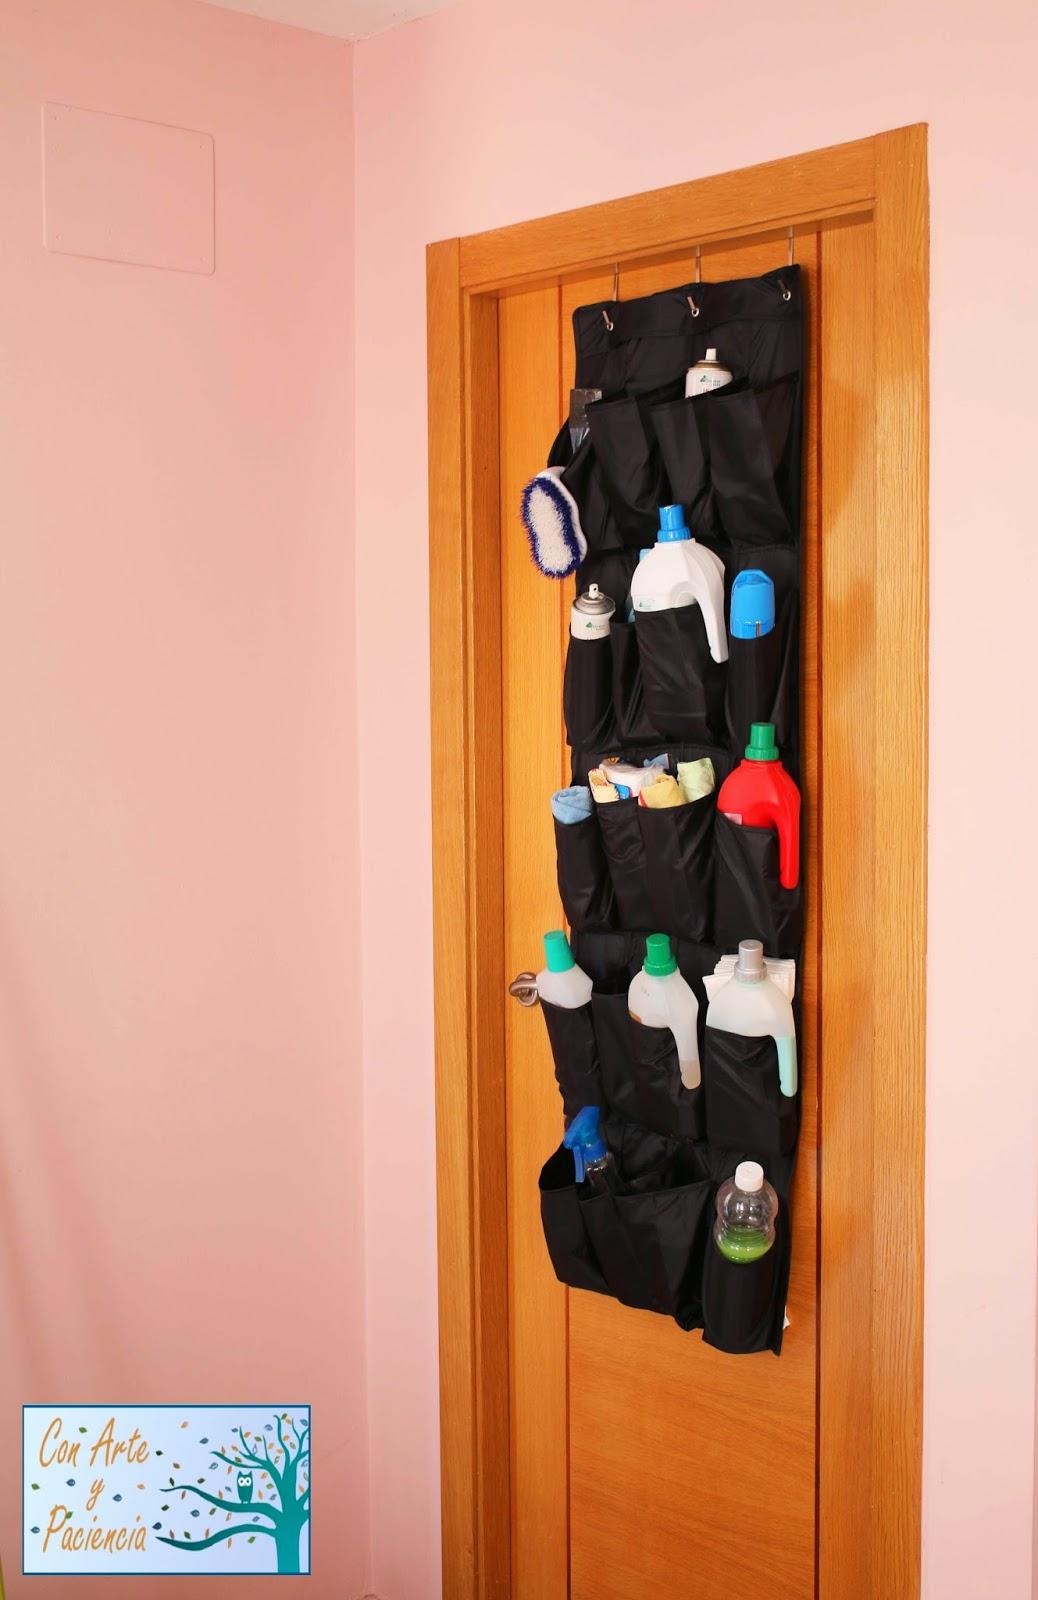 zapatero,puerta,almacenar,productos,limpieza,botes,organizar,ordenar, ideas,hogar,